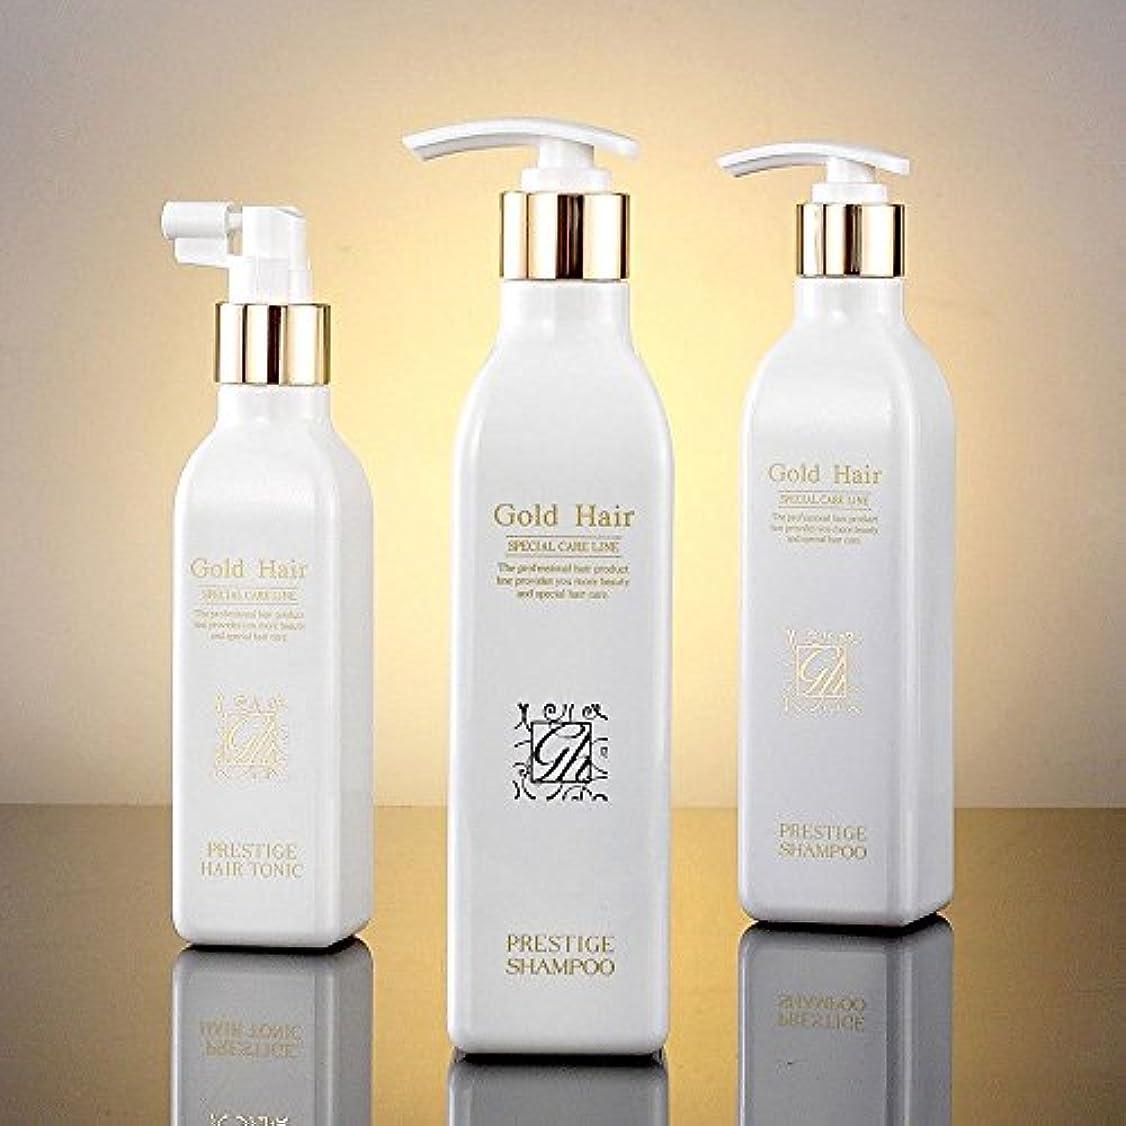 冗長手がかり然としたゴールドヘア育毛シャンプー2個&トニック1個 漢方シャンプー /Herbal Hair Loss Fast Regrowth Shampoo 100% Natural Patented Set of 3(2 shampoo...